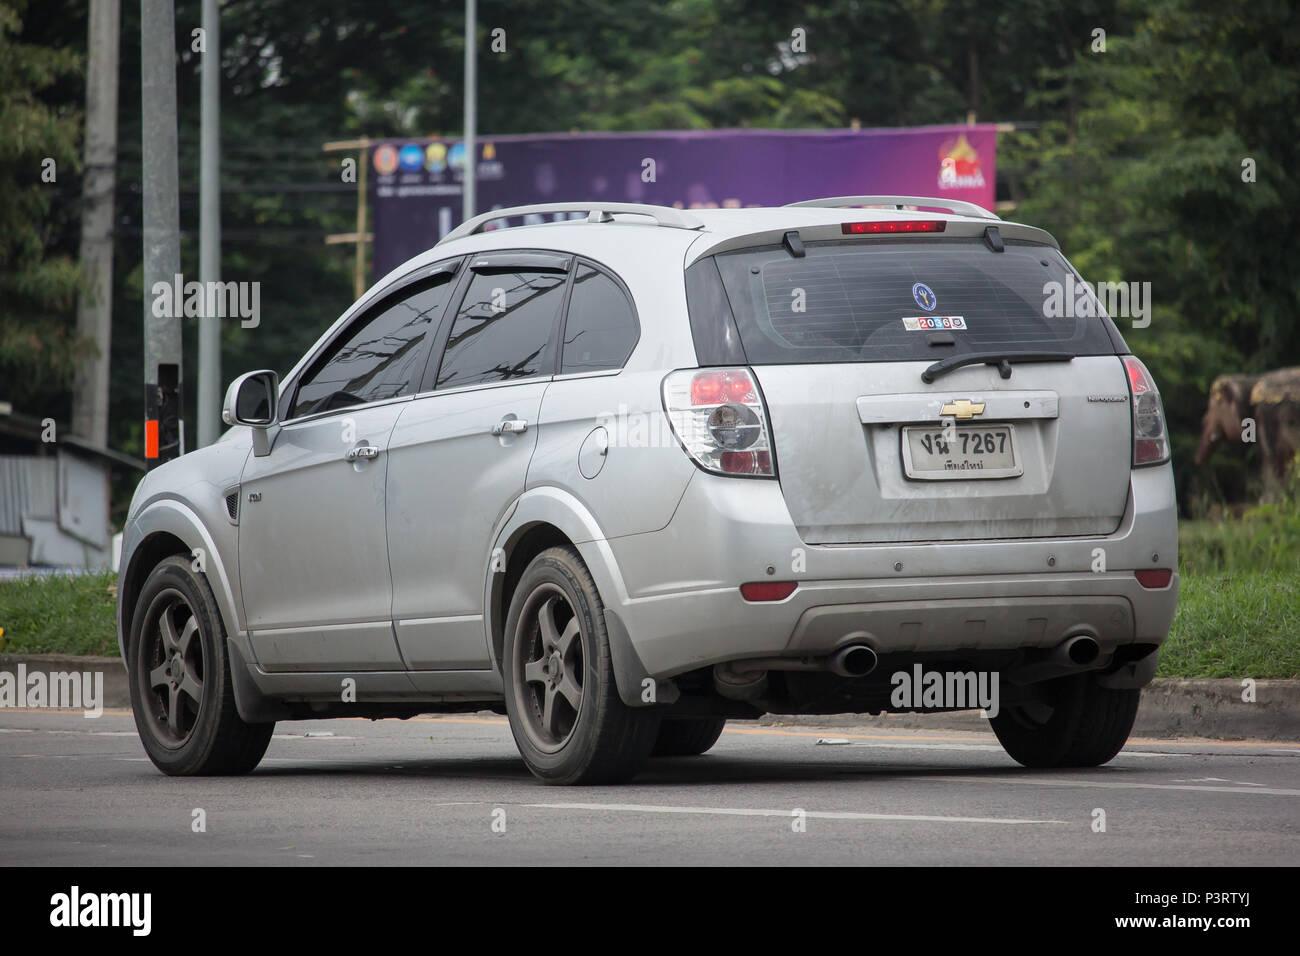 Kelebihan Kekurangan Chevrolet Captiva 2018 Review